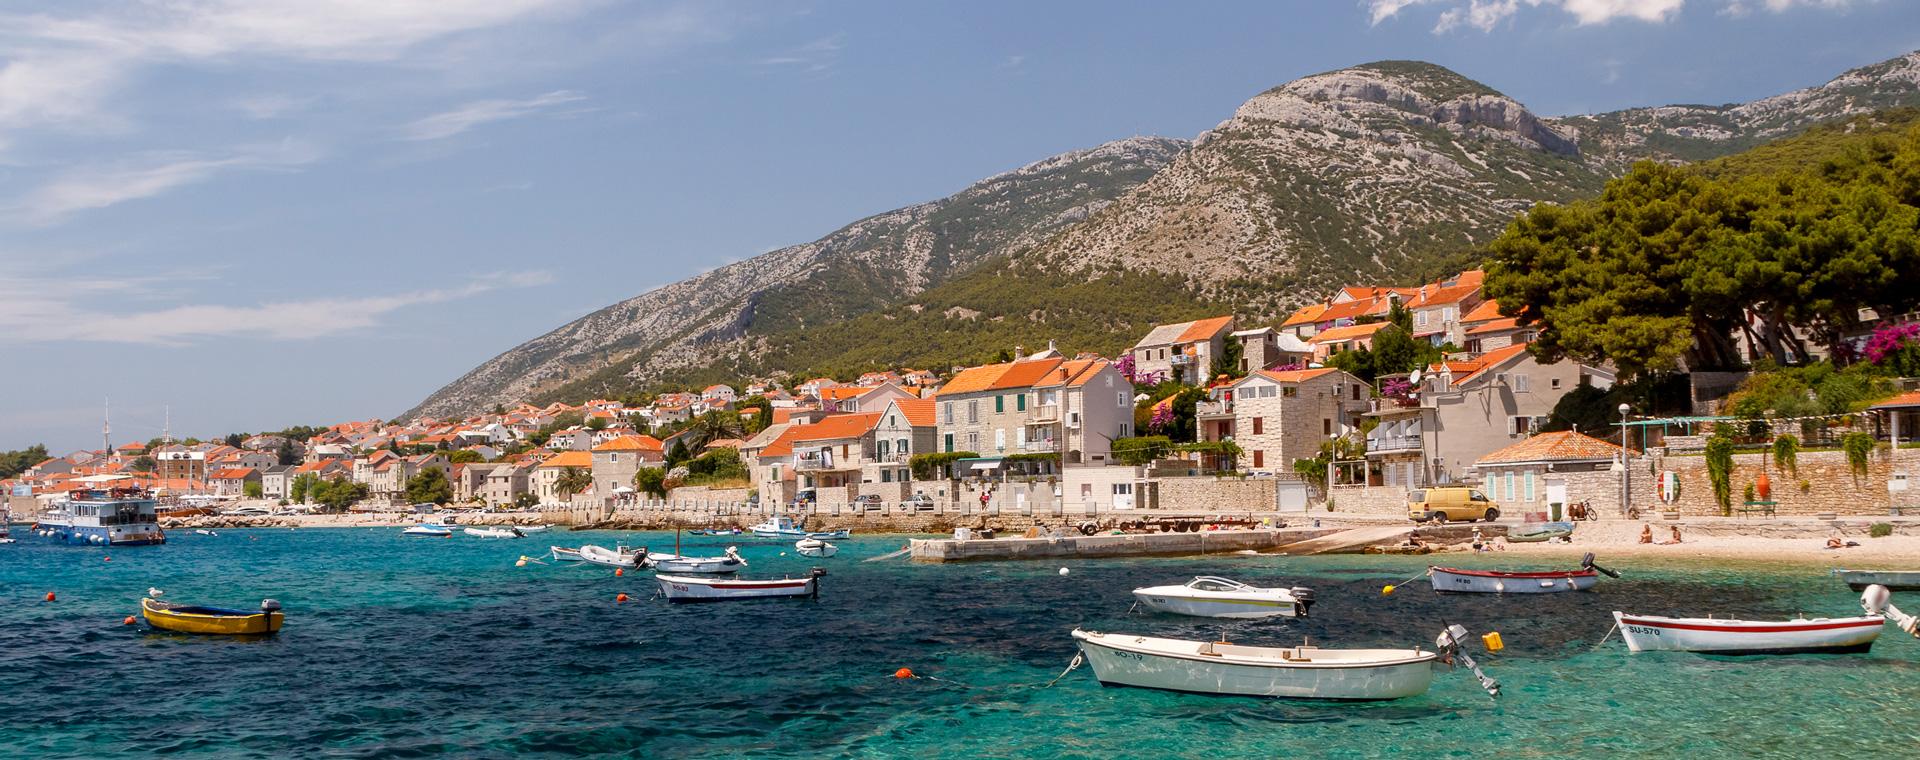 Voyage en véhicule : Le Sud de la Dalmatie à vélo bateau